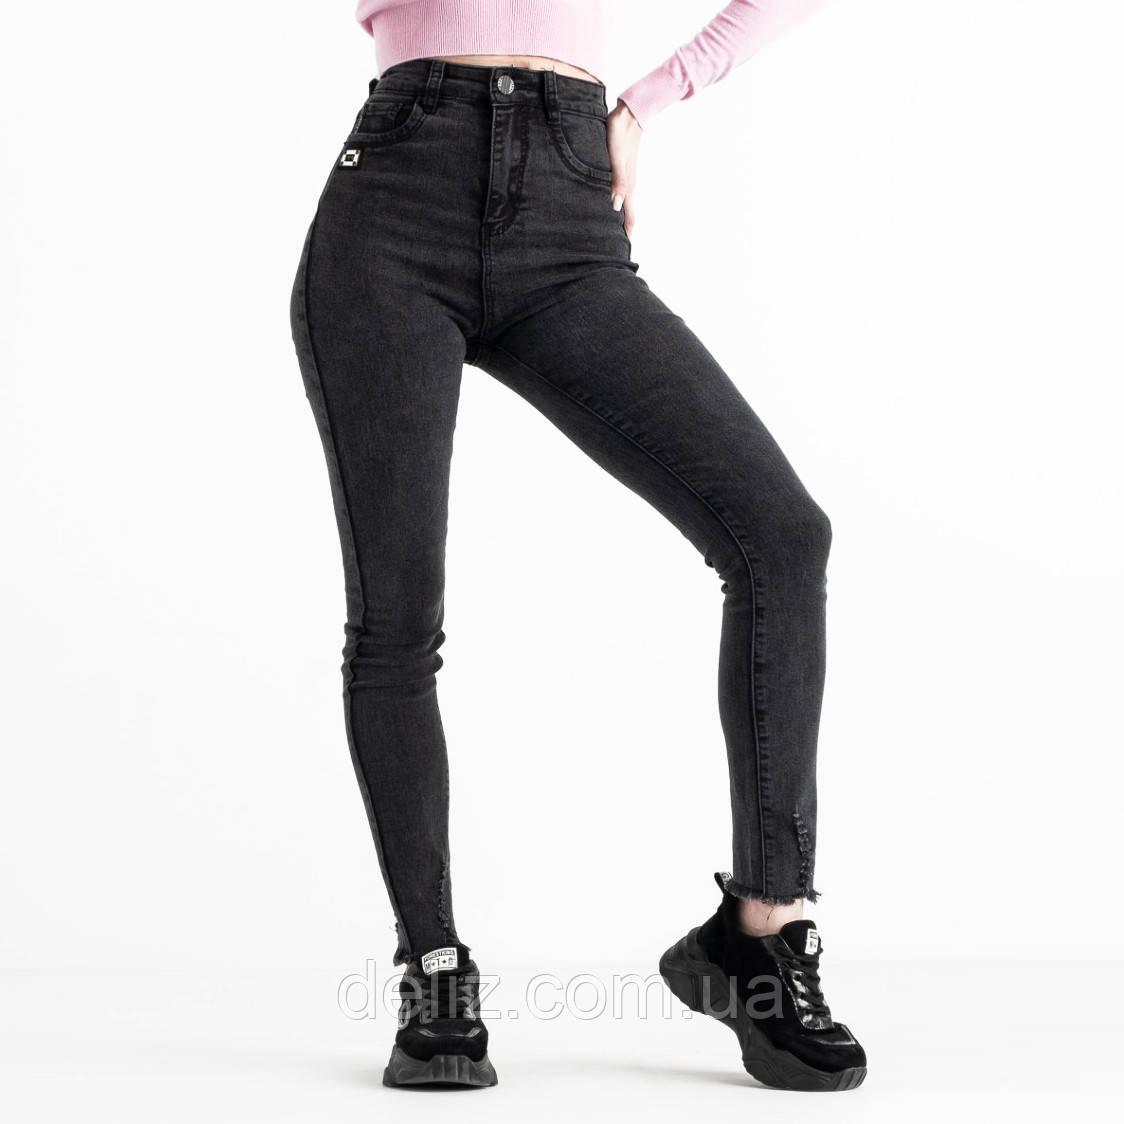 Сірі завужені стрейчеві джинси з високою талією LADY N 7042. Розмір 29